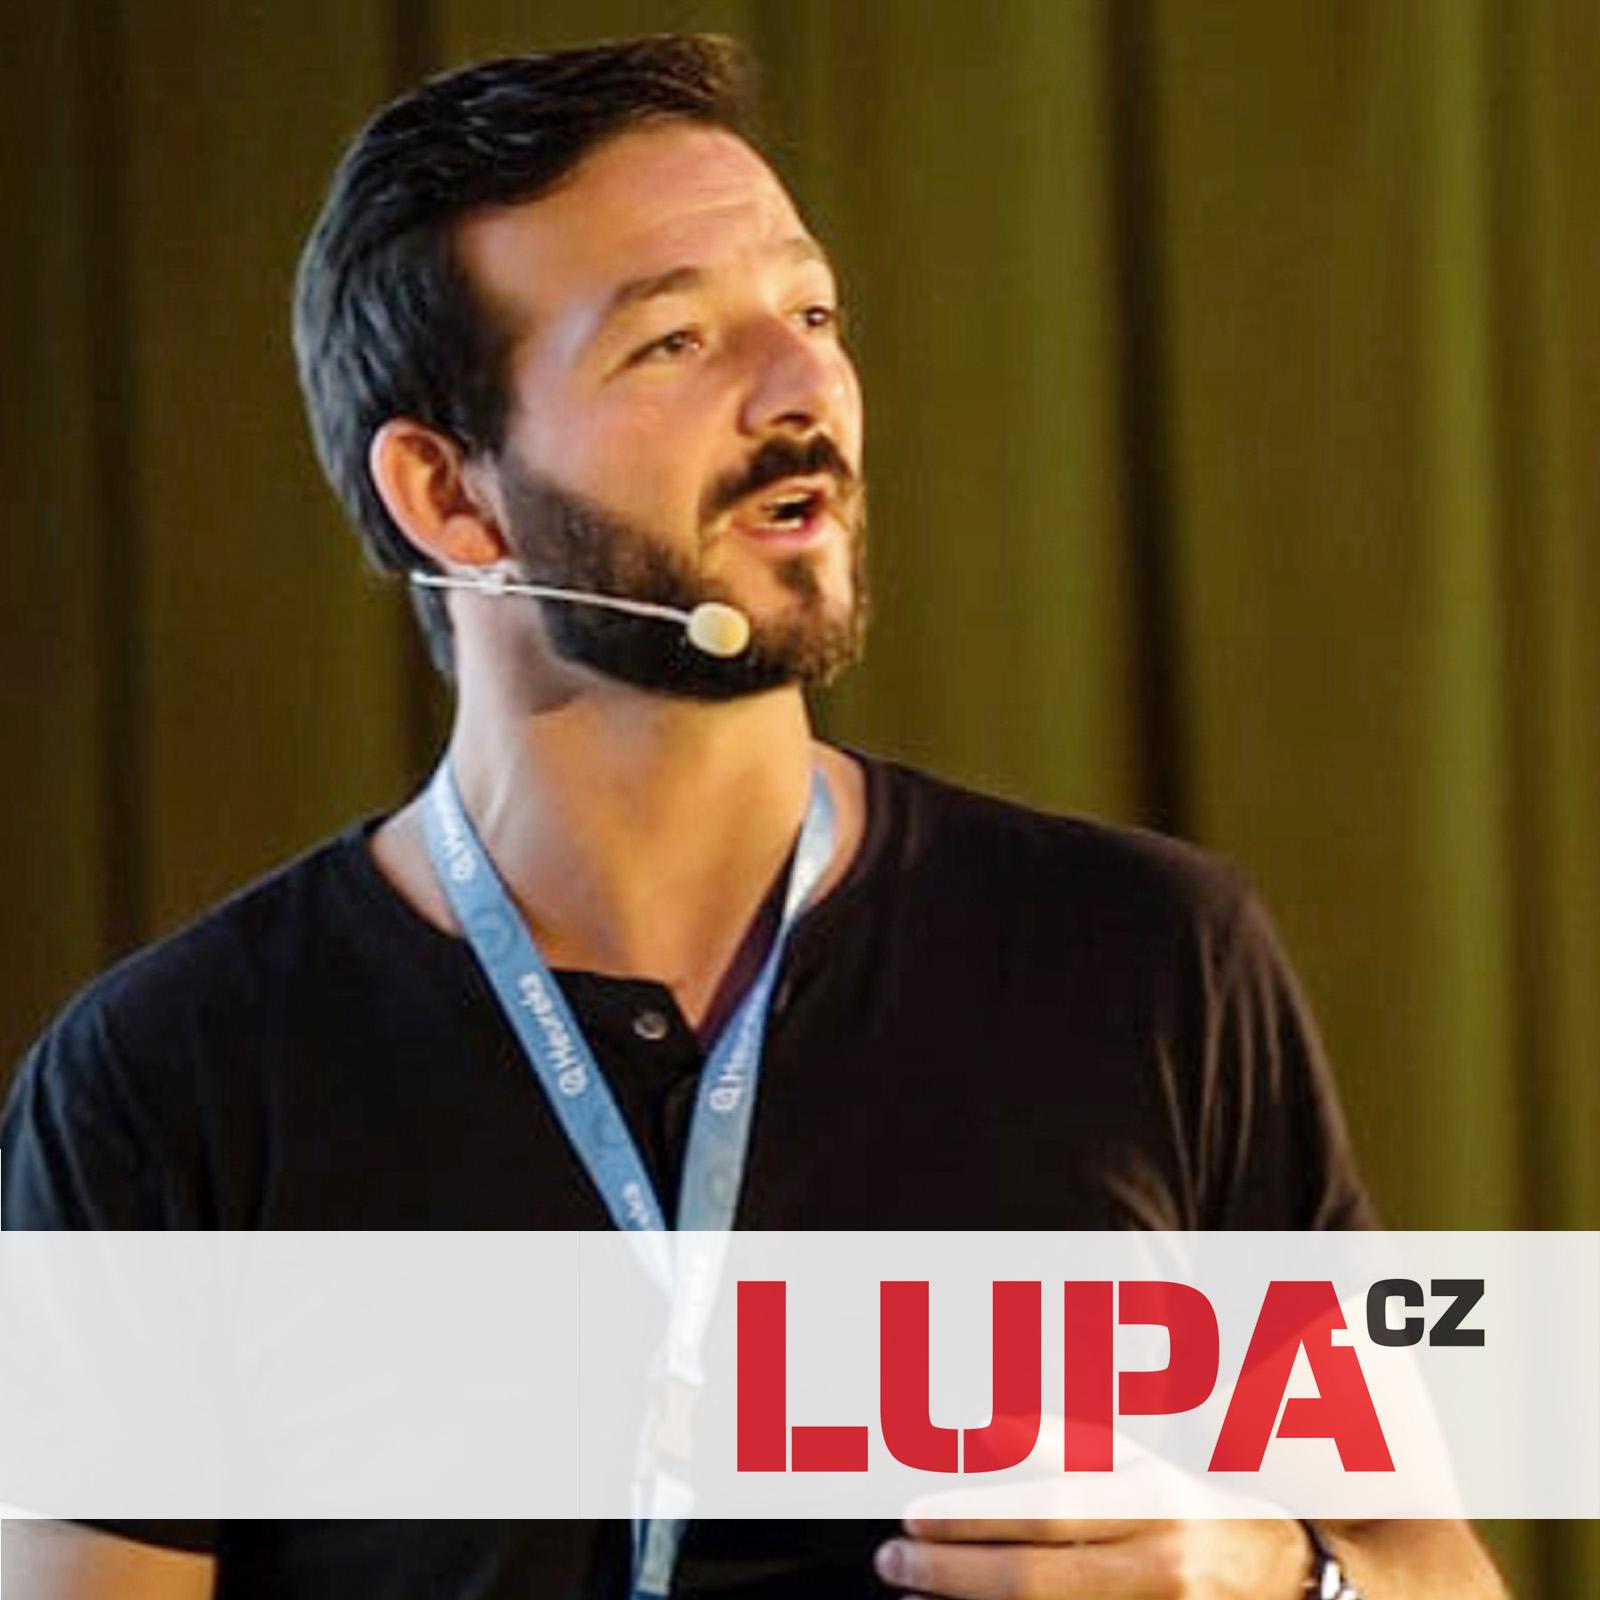 Tomáš Braverman (Heureka): Superstar mezi zbožím prodávaným online jsou teď potraviny